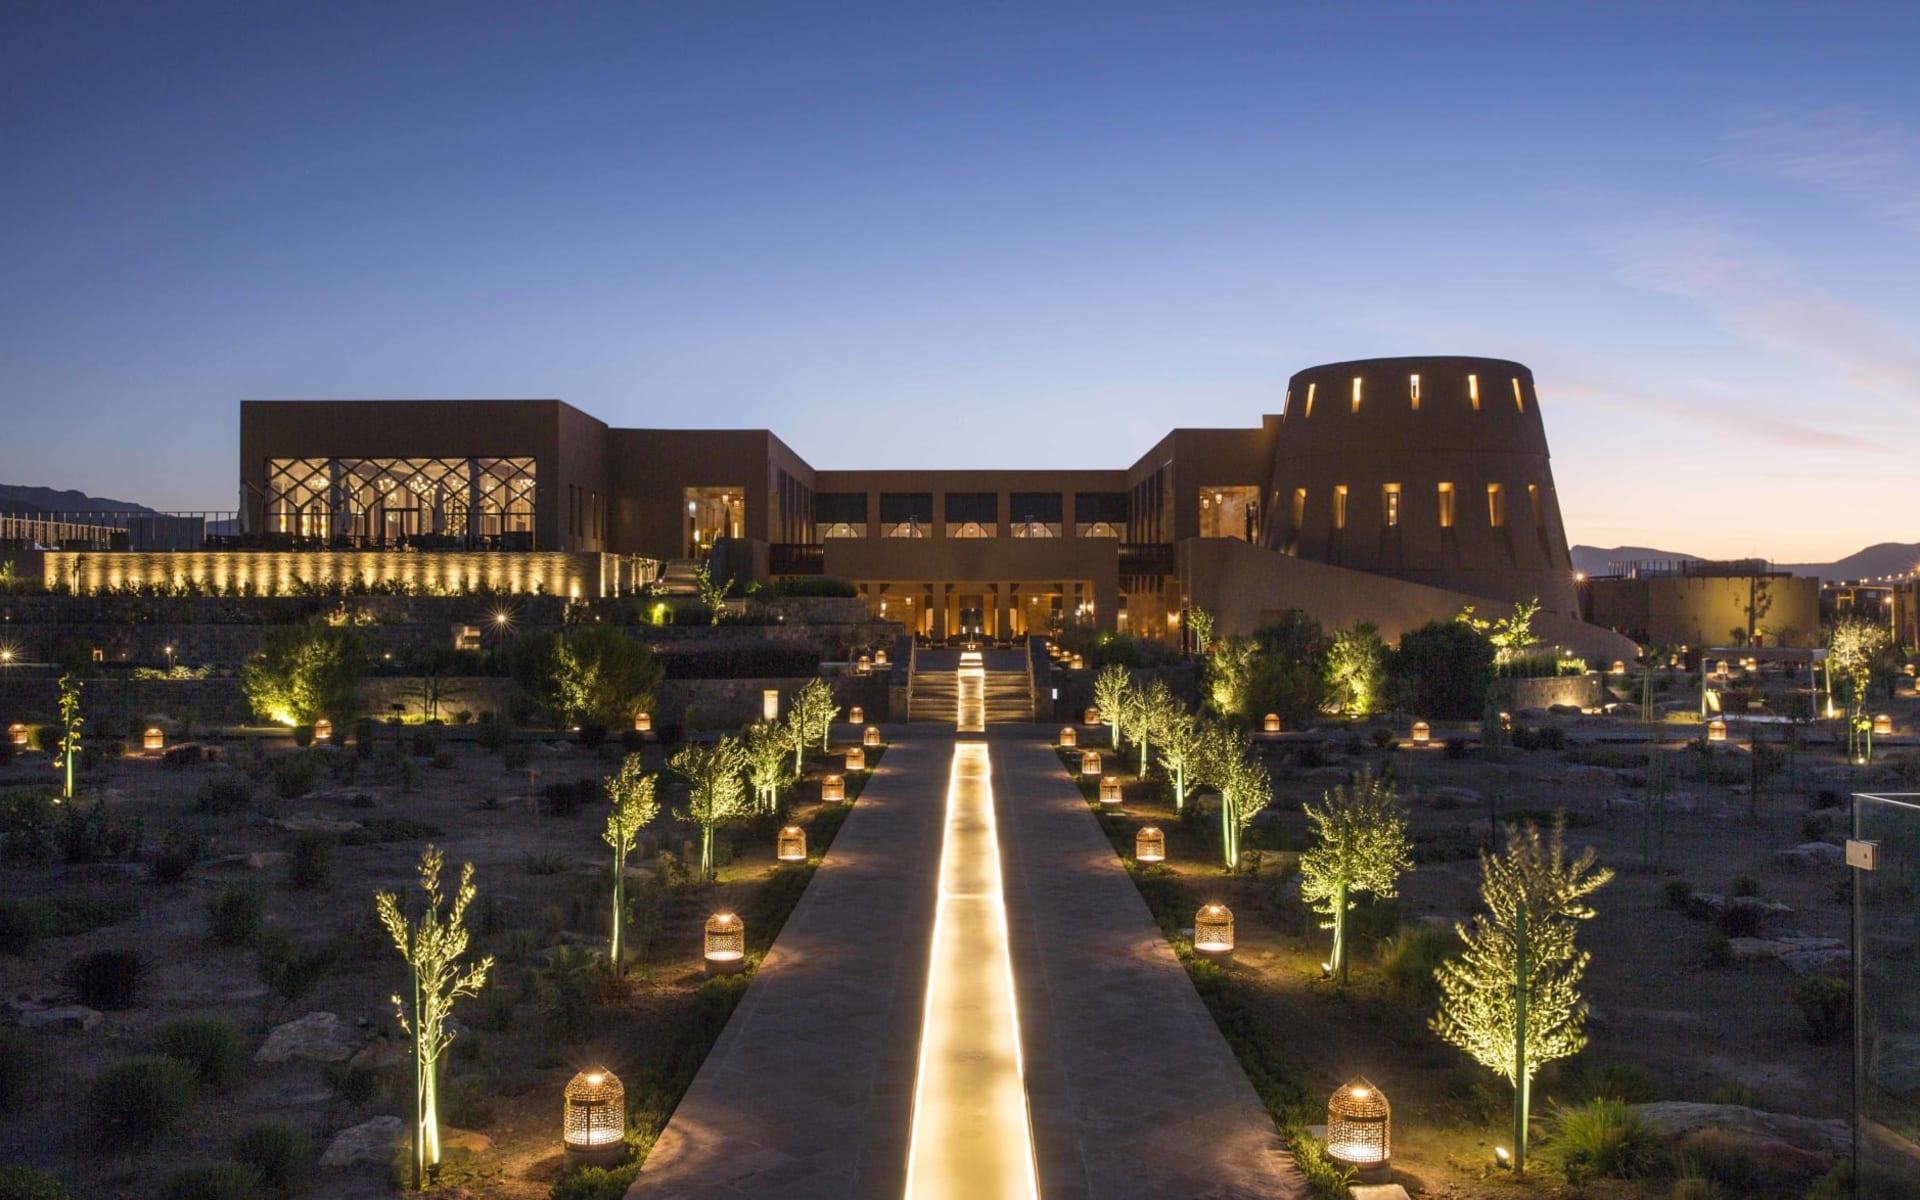 Anantara Al Jabal Al Akhdar in Jebel Akhdar: